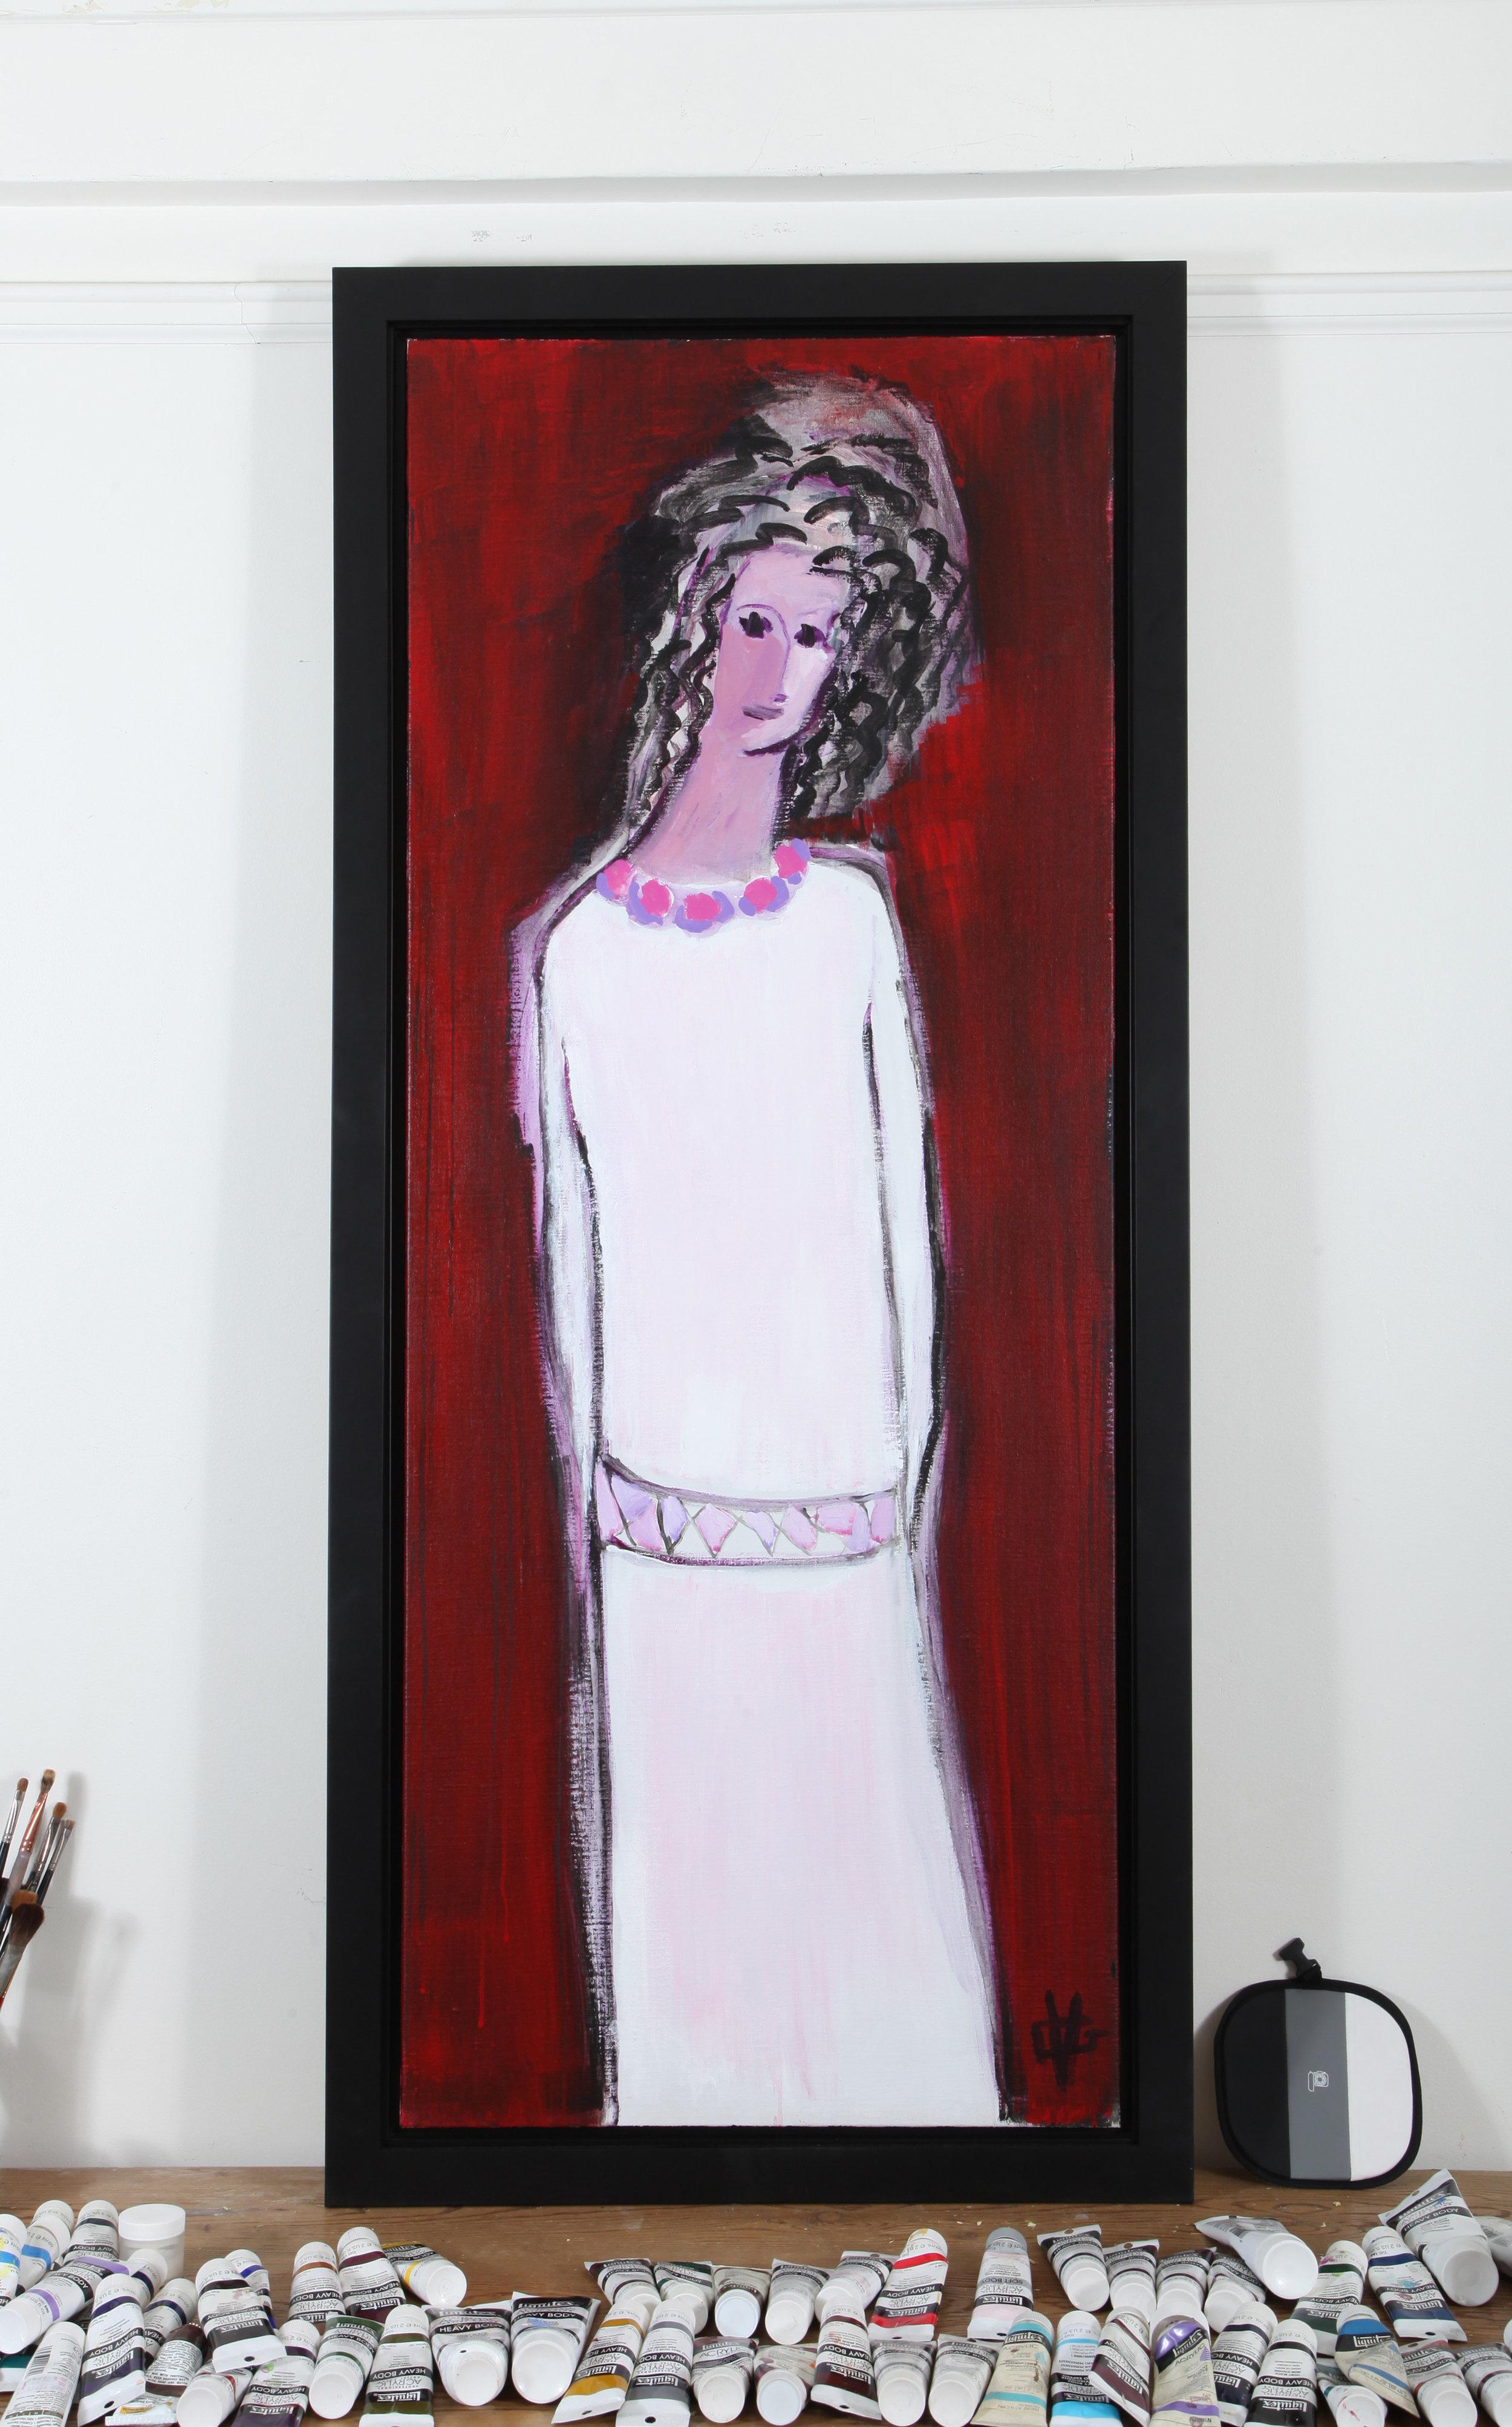 'Joyce Carol Oates As Heroine' by Gloria Vanderbilt.